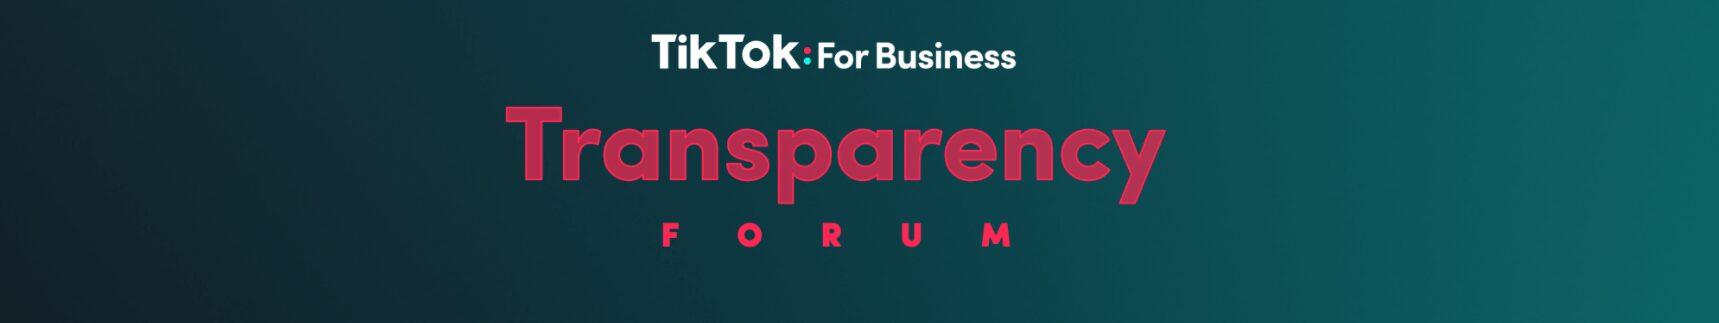 TikTok Transparency Forum 2